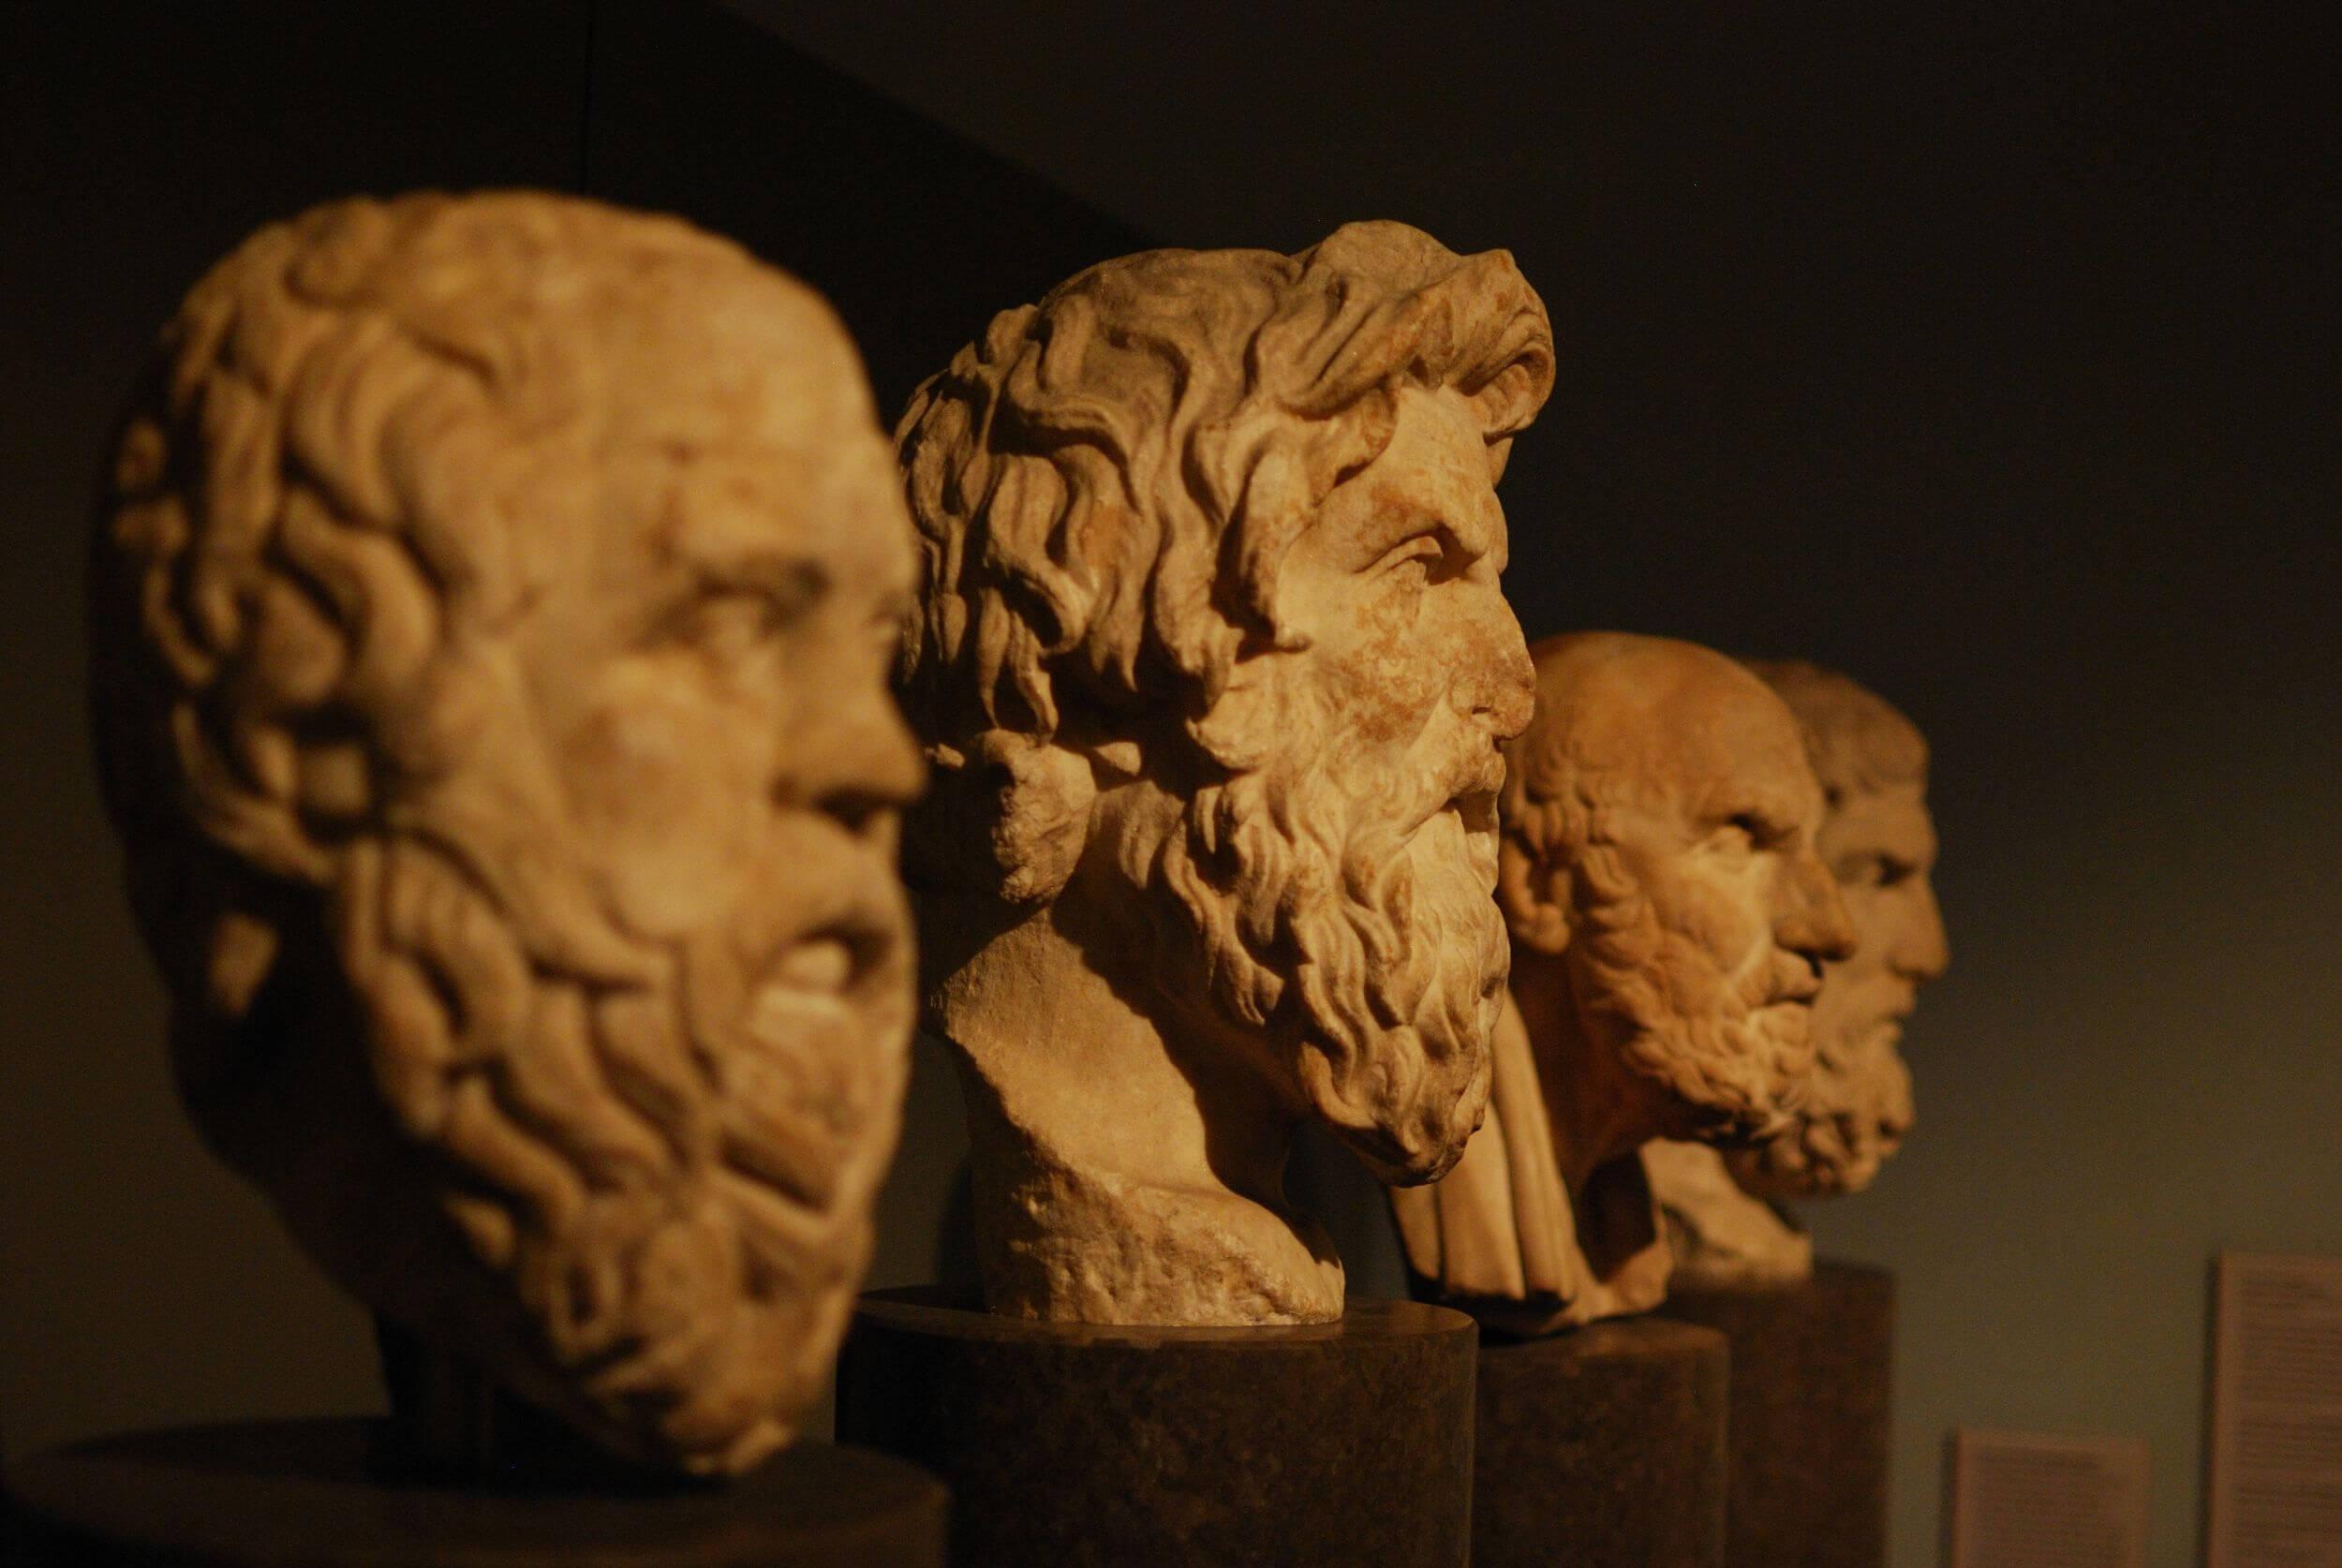 Philosophie und Wirtschaftsunternehmen – eine aussichtslose Verbindung?